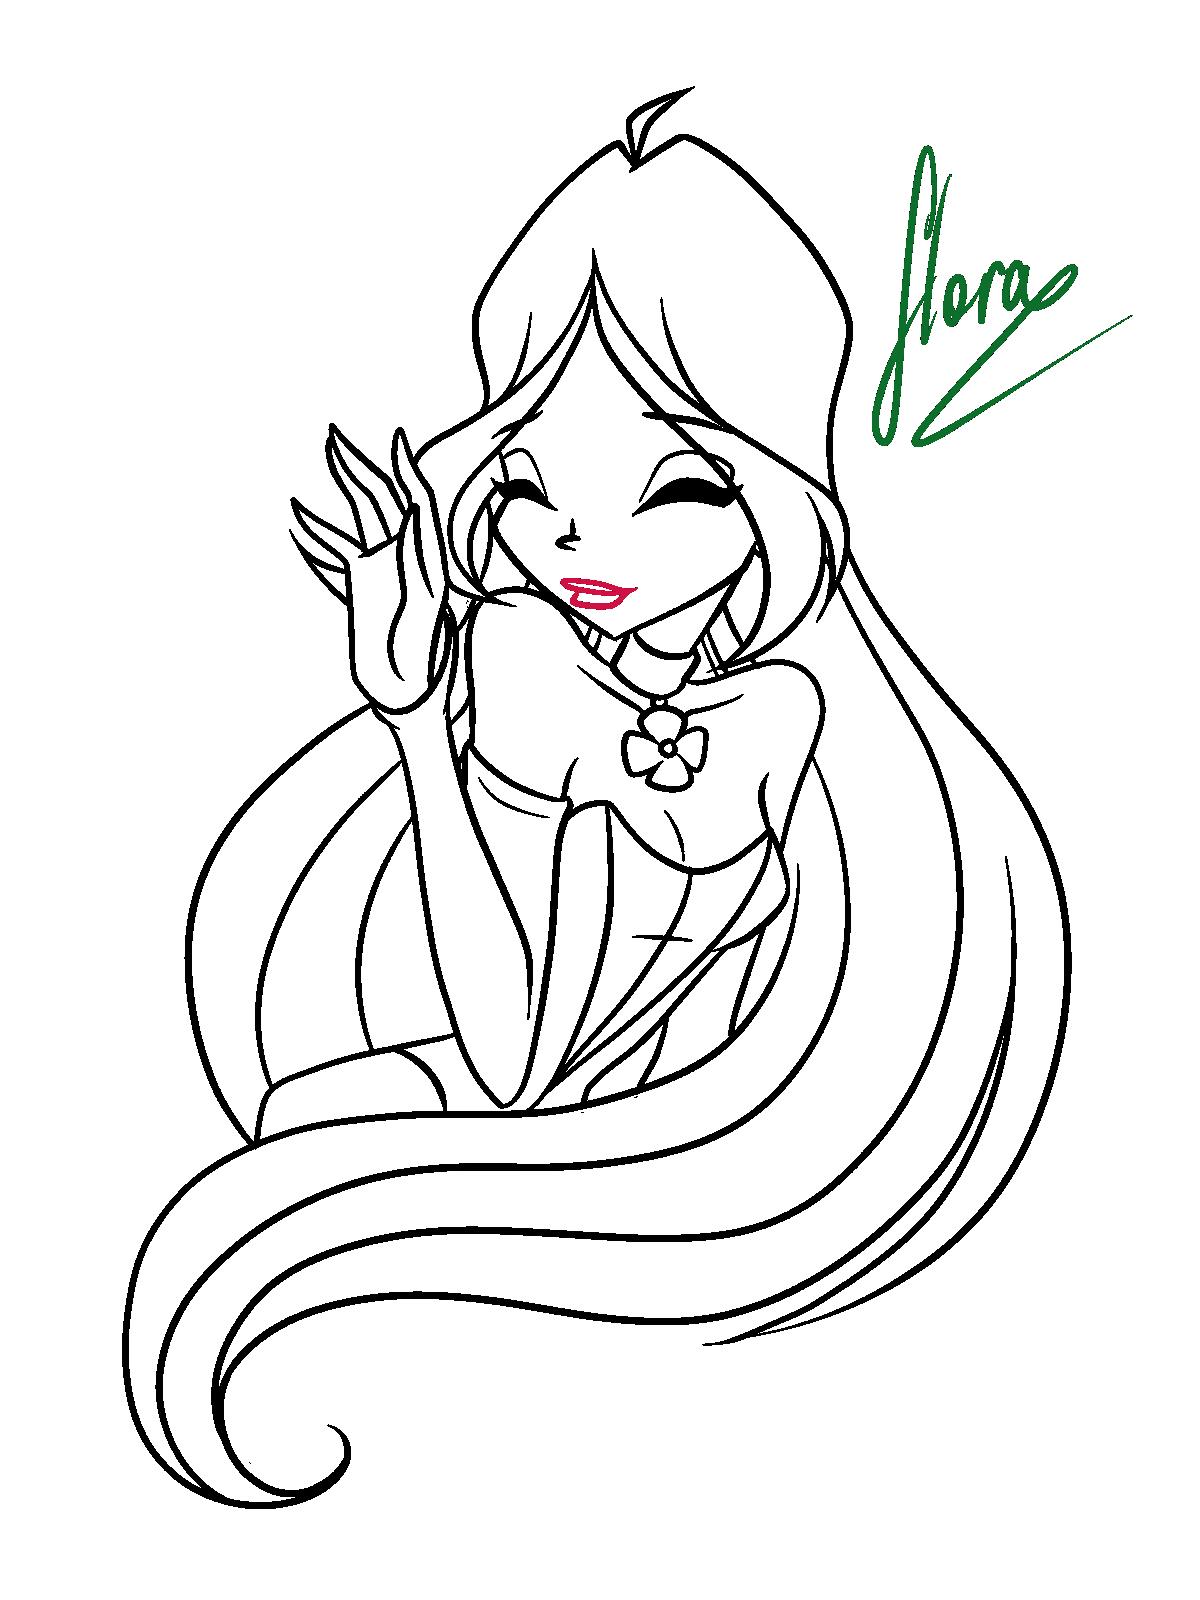 Как нарисовать открытку винкс, открытки